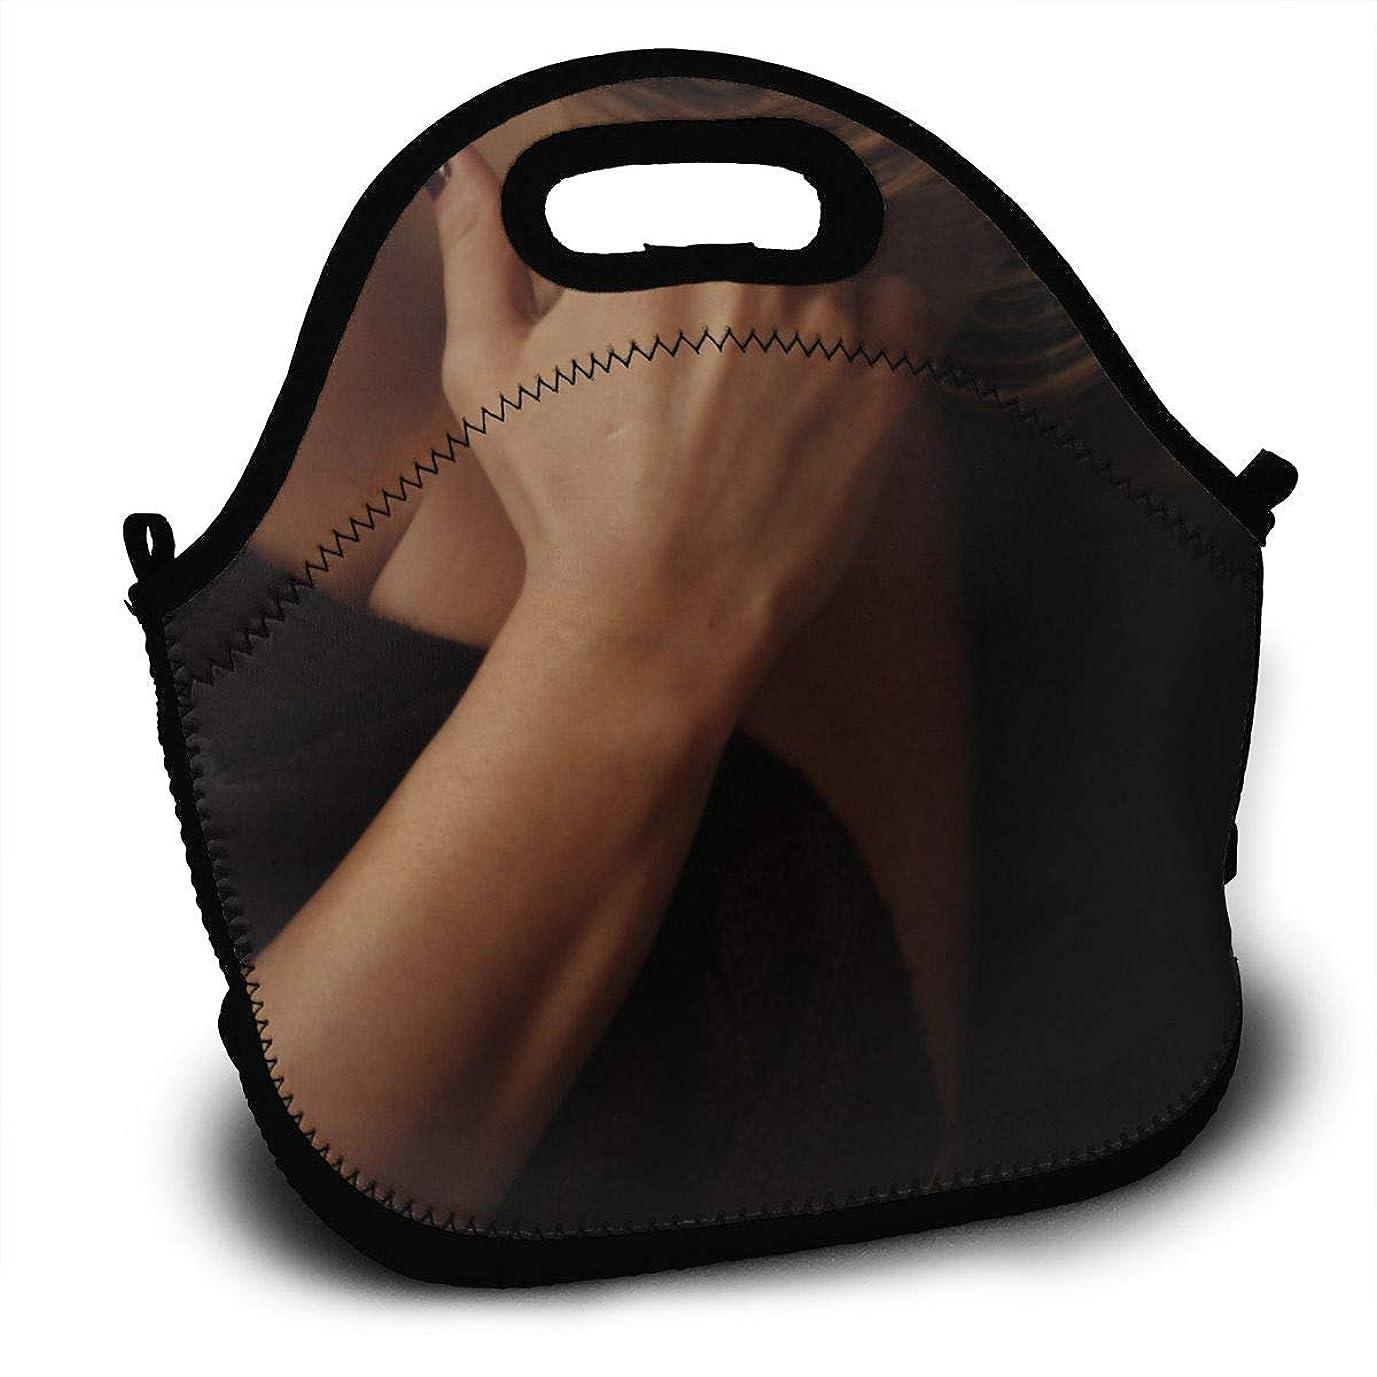 アルコーブ陽気な実験ランチバッグ 大容量弁当バッグ ファミリーバッグ 男女兼用バッグ 鎖骨辺りに手を当て 通勤 通学バッグ 面白いバッグ 創意柄 可愛いアニマル バッグ